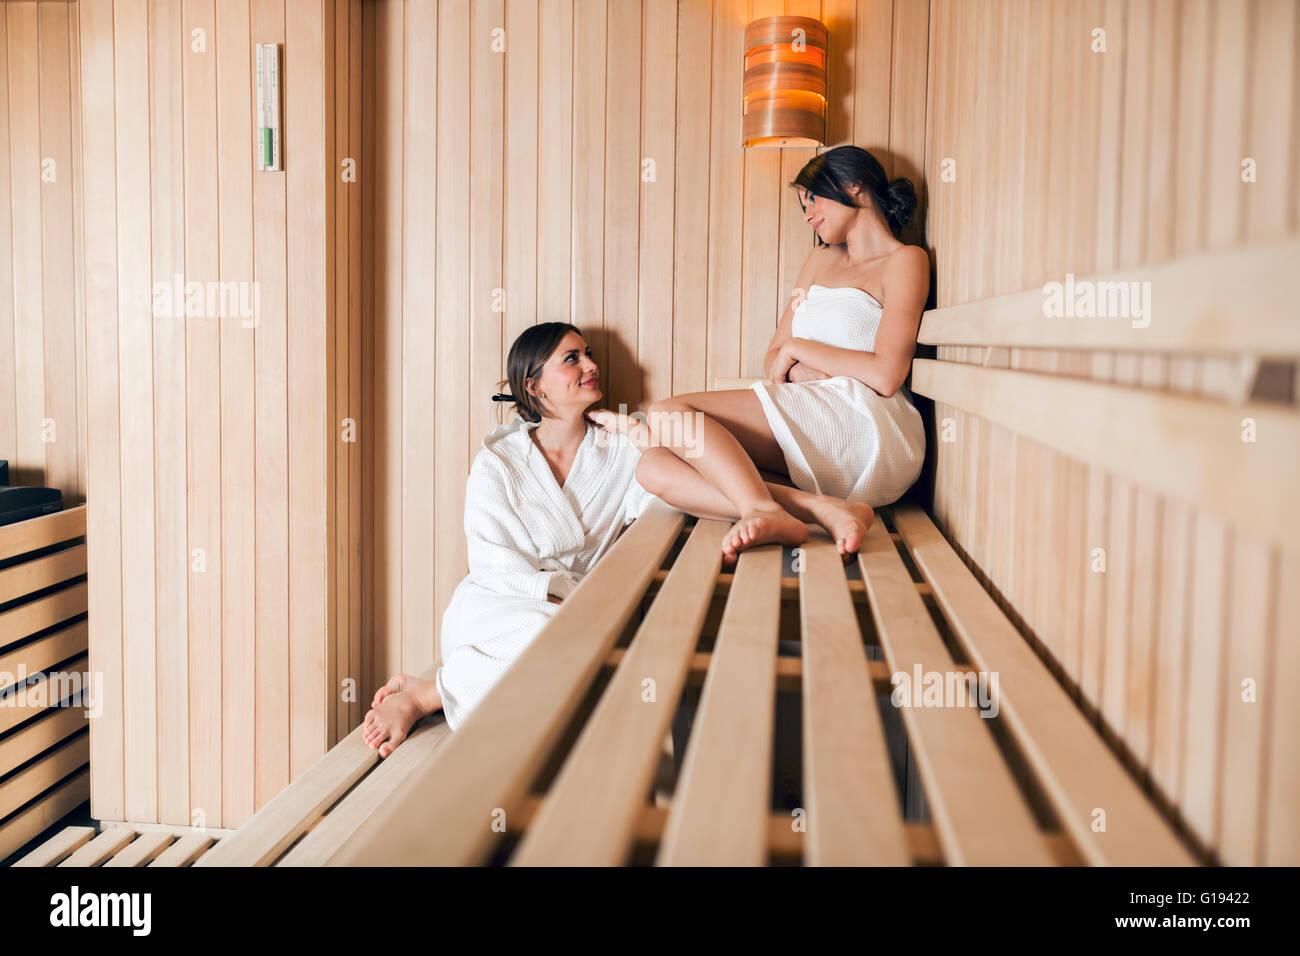 Montar y dos hermosas mujeres en una sauna relajante Imagen De Stock